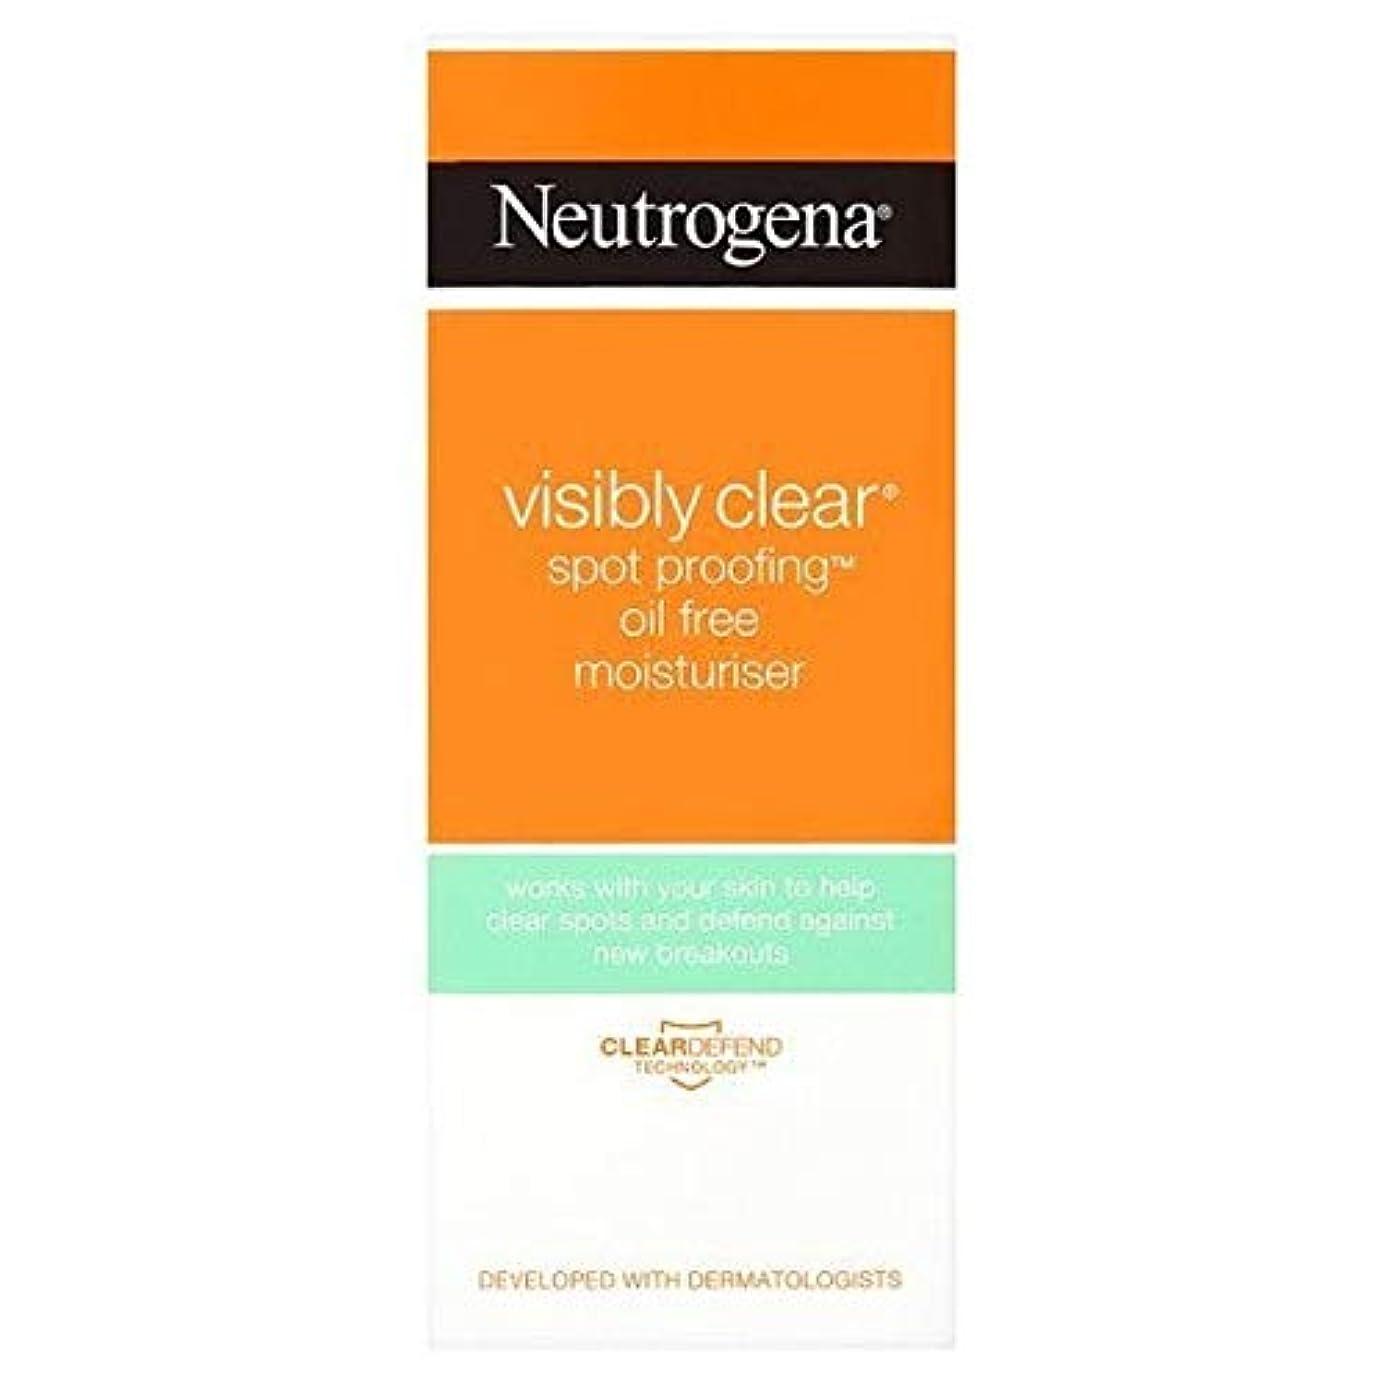 アナリストインレイケーブル[Neutrogena ] ニュートロジーナ目に見えて明らかスポットプルーフ保湿50ミリリットル - Neutrogena Visibly Clear Spot Proofing Moisturiser 50ml [並行輸入品]